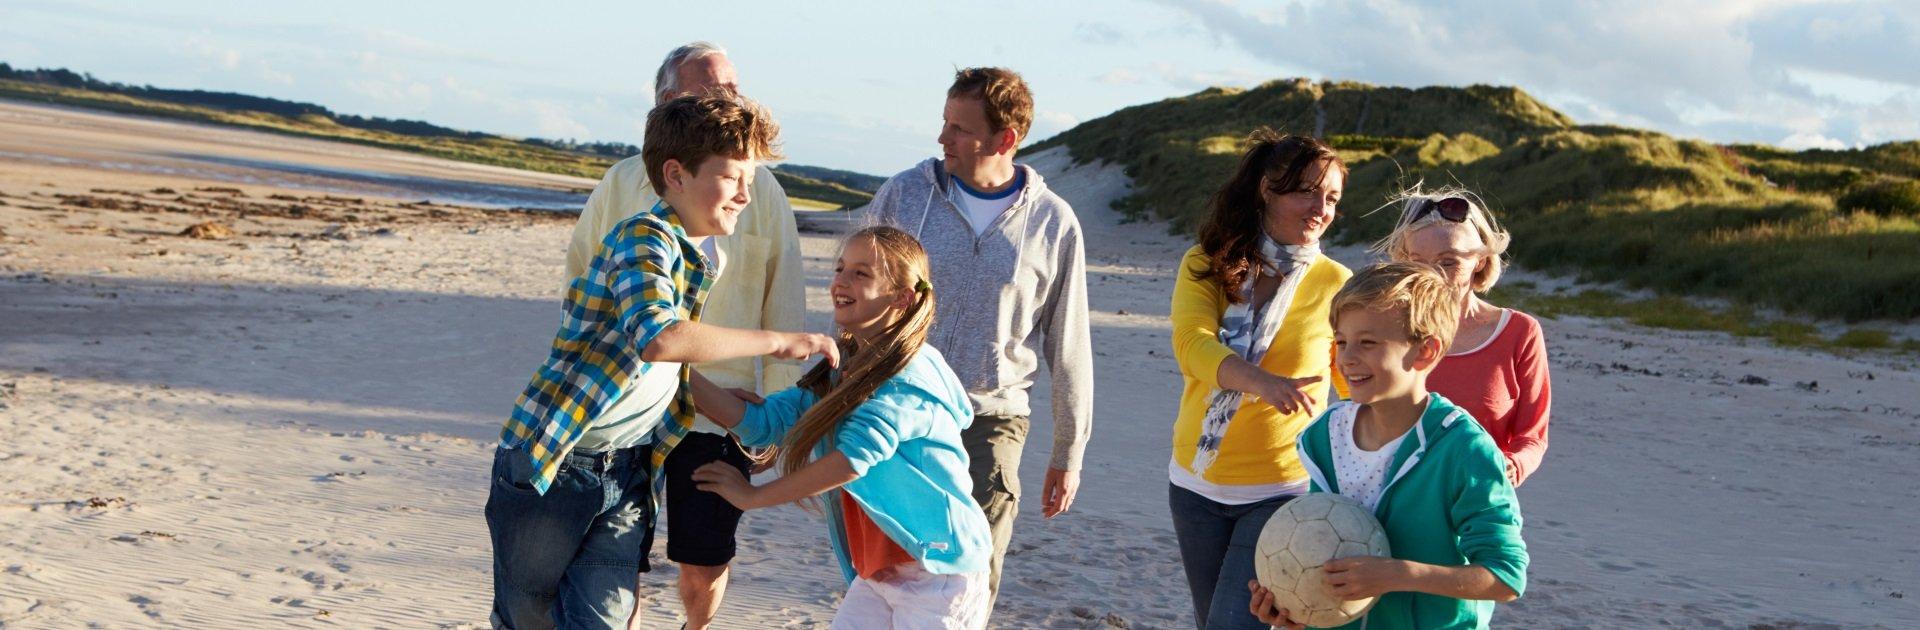 Ferienunterkünfte für Großfamilien